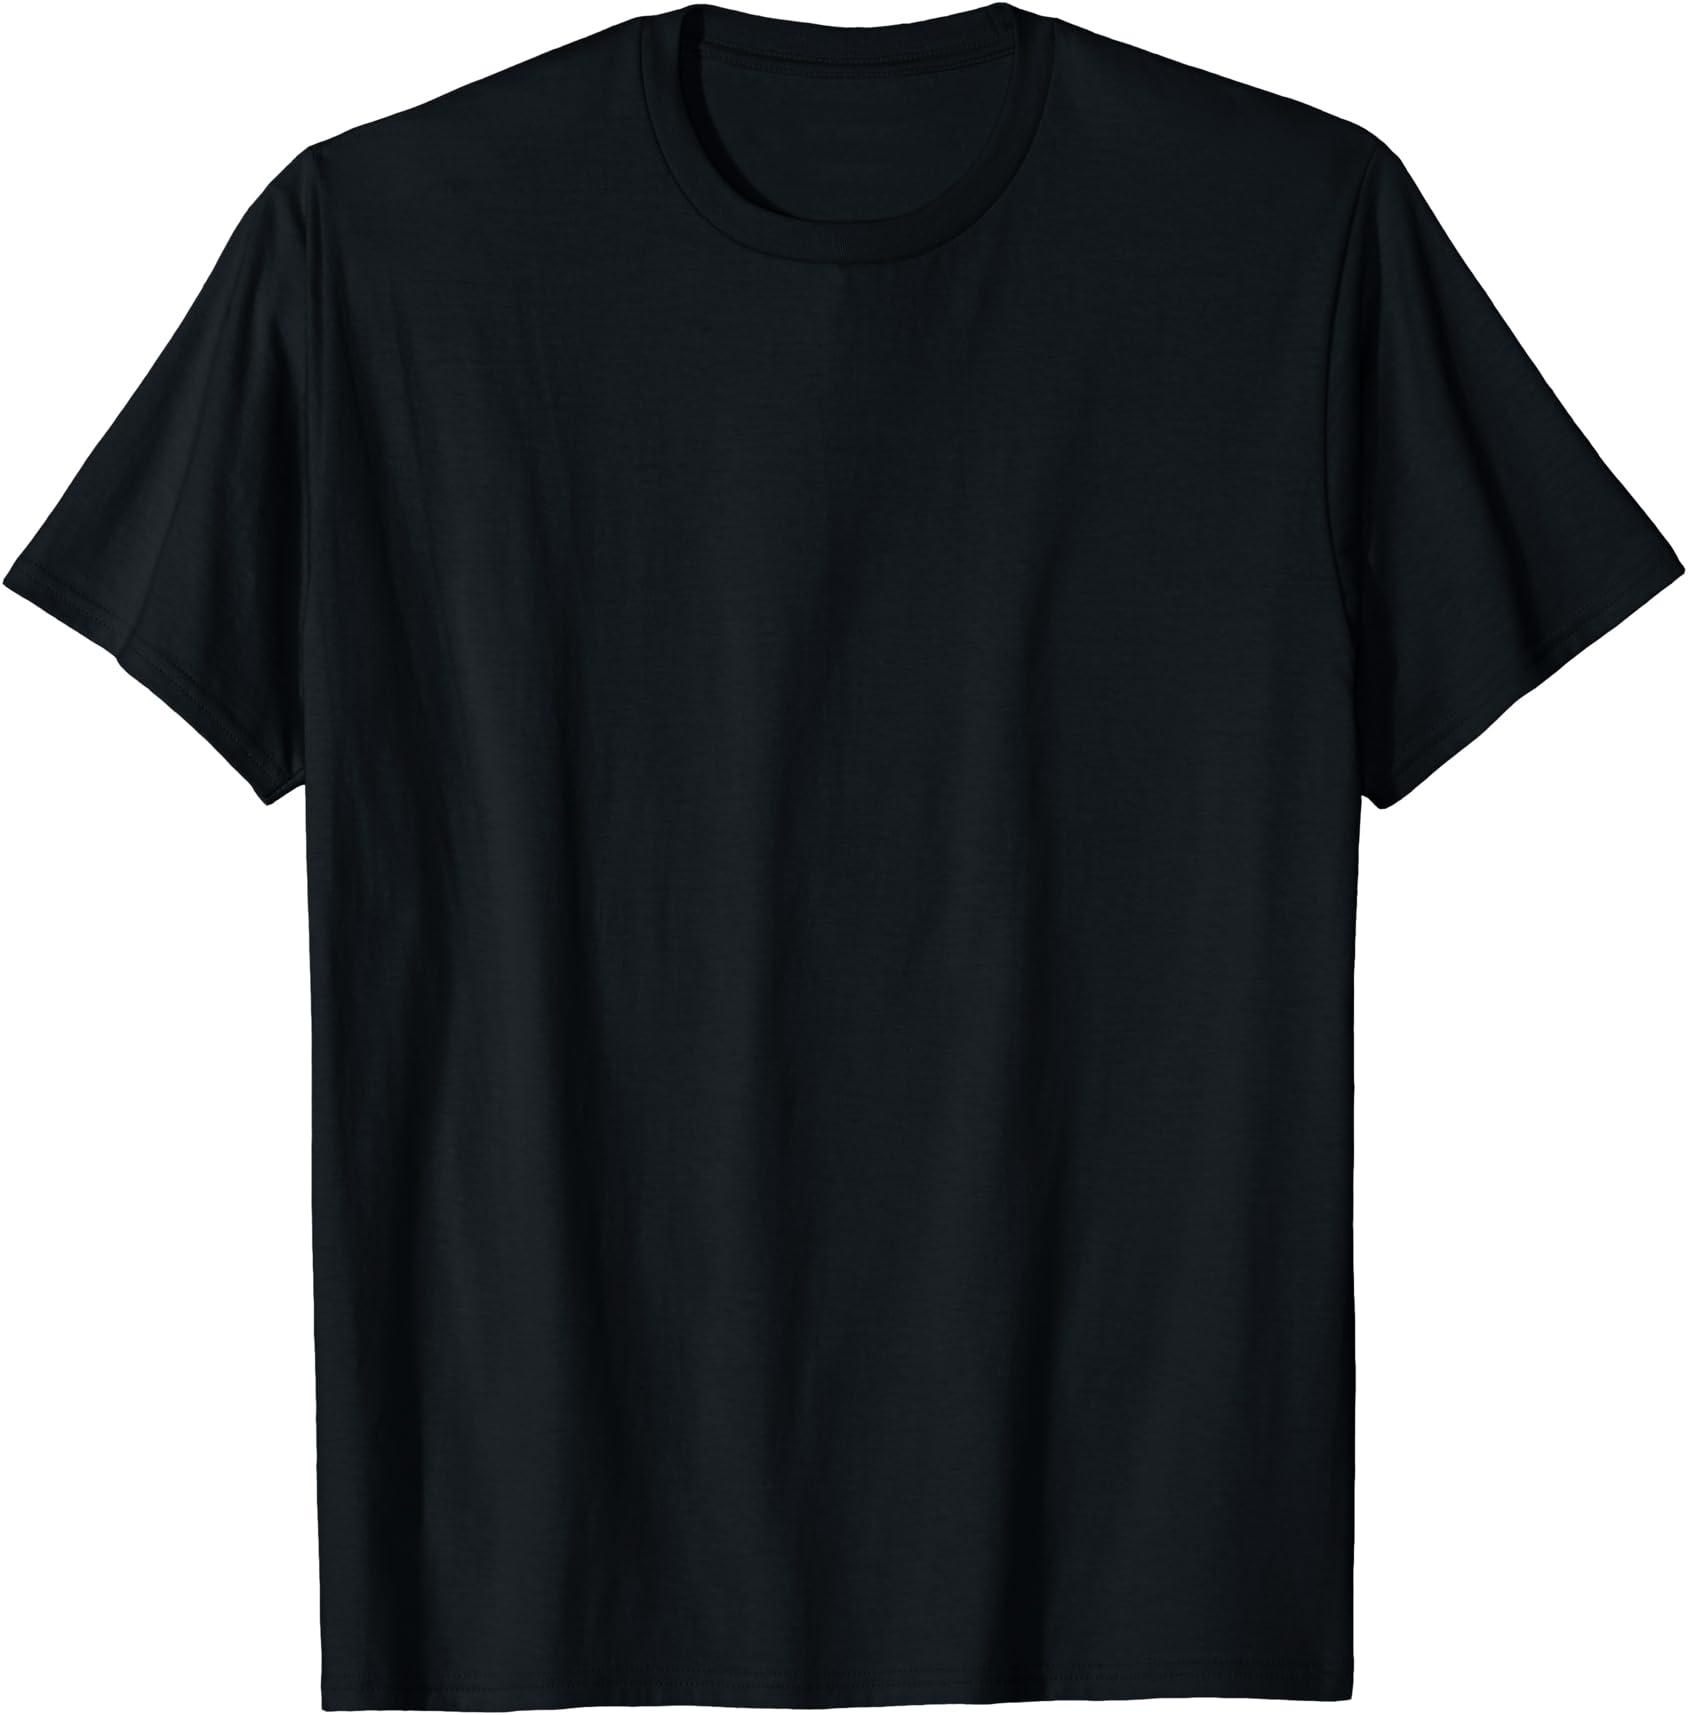 GEEK TEEZ Going Te-Quil-Ya Tequila Youth Girls T-Shirt